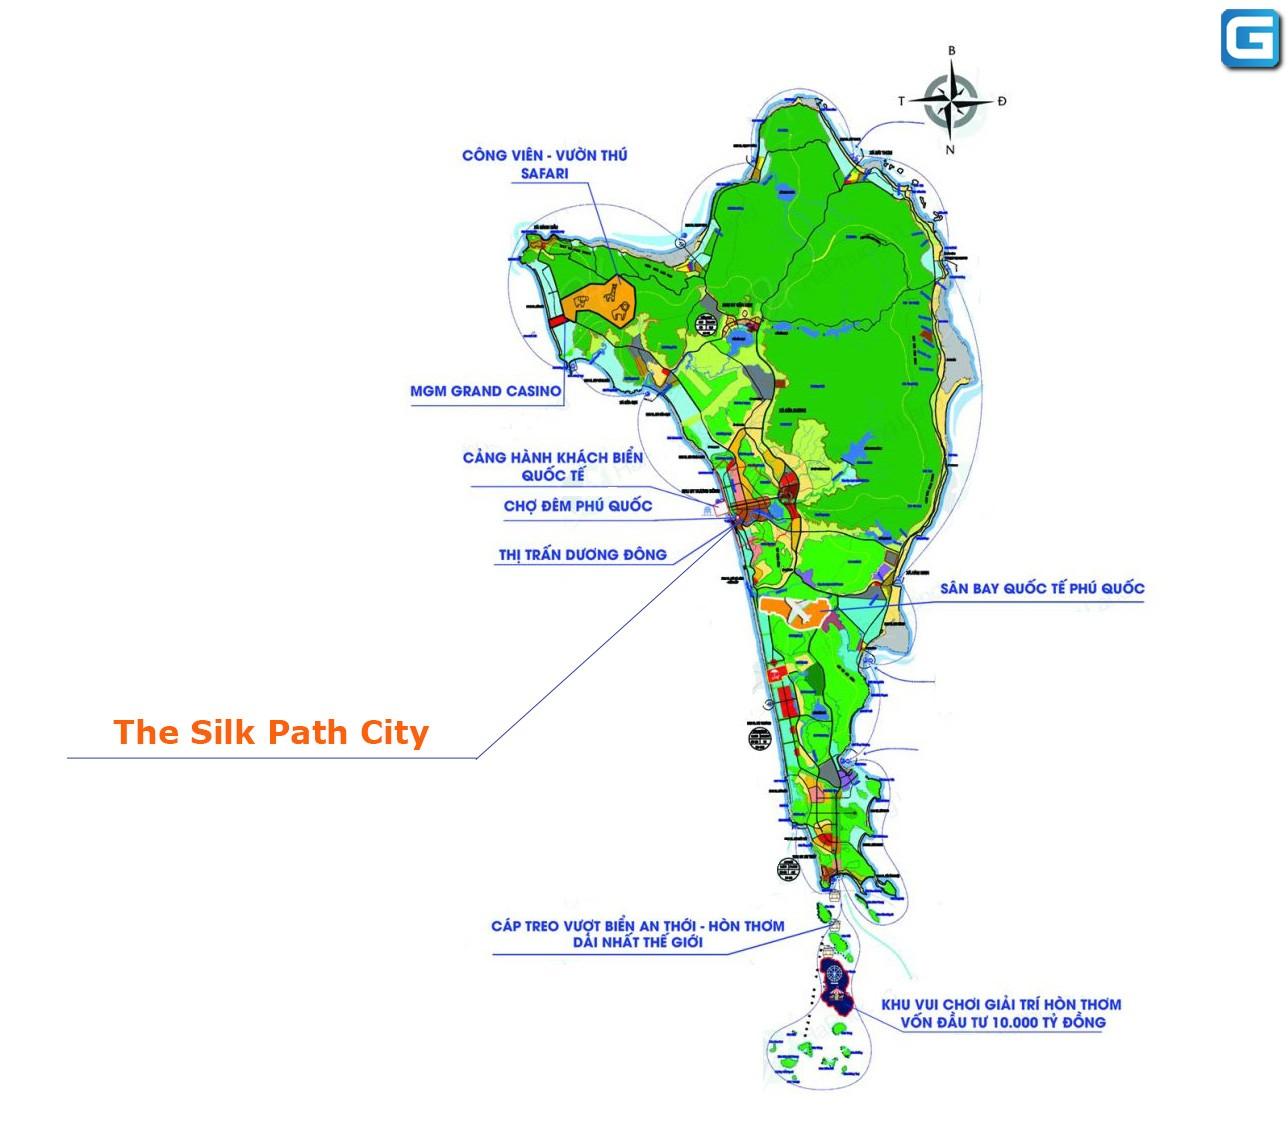 The Silk Path City